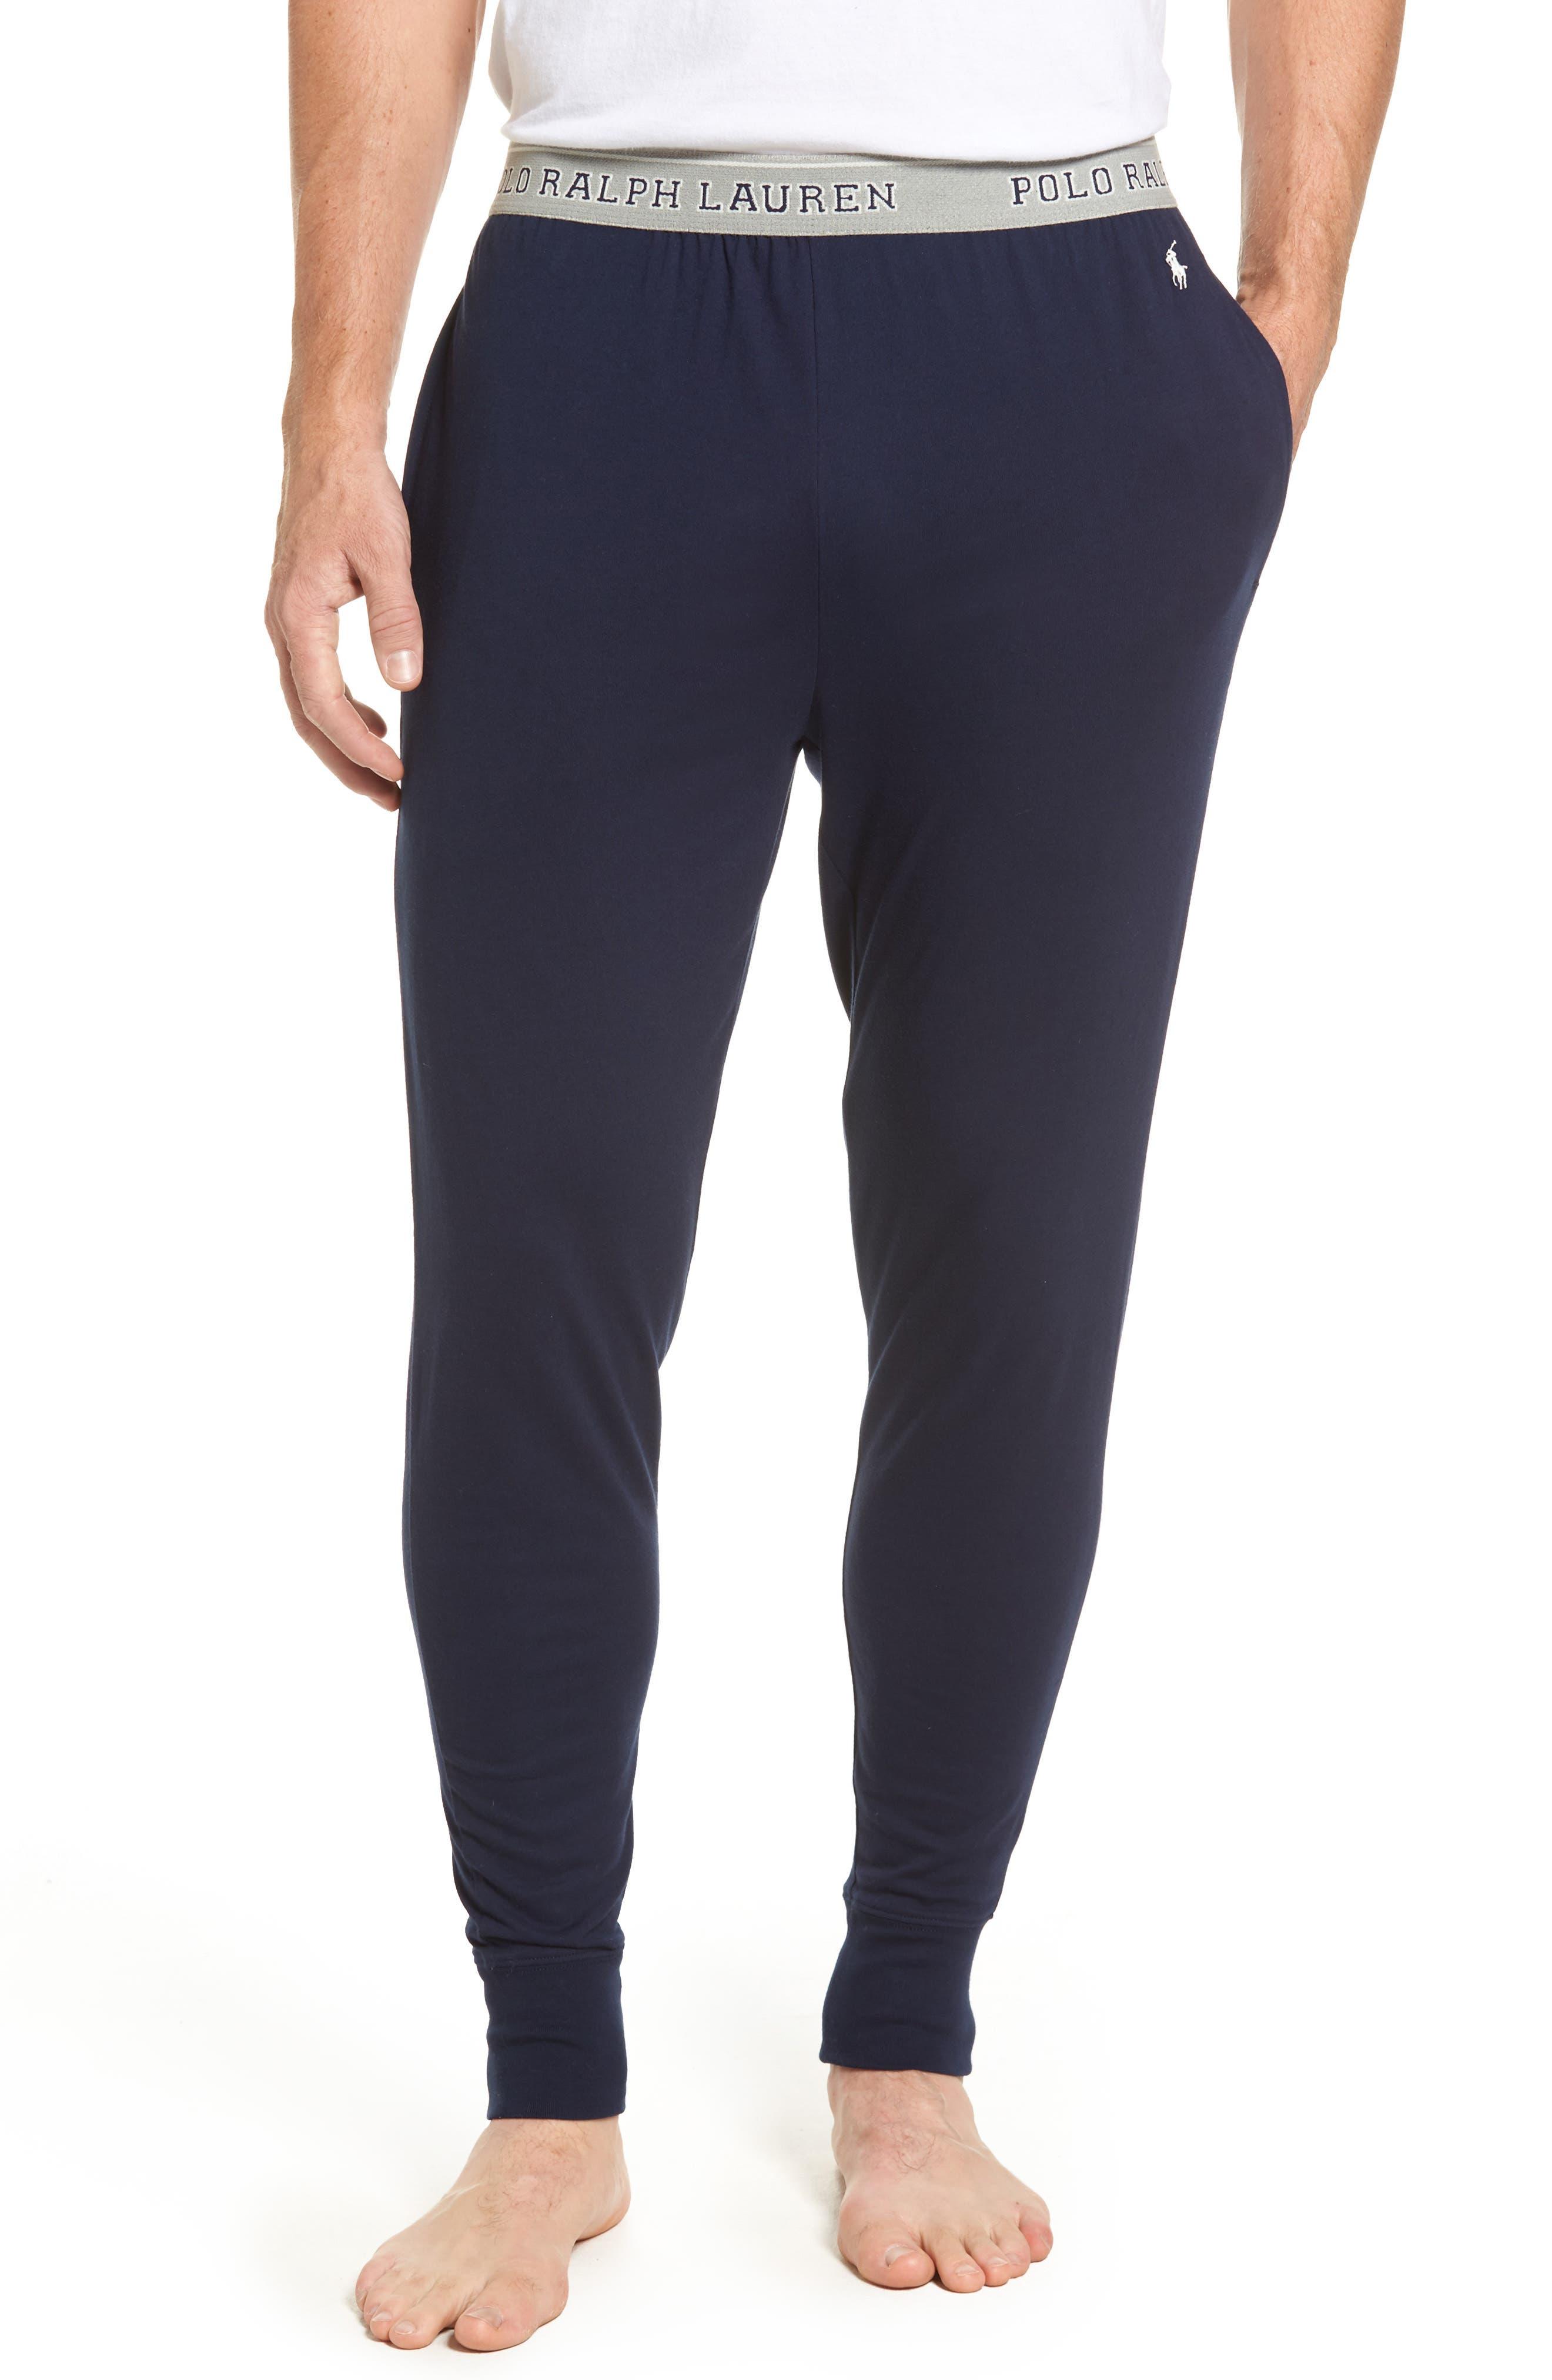 Polo Ralph Lauren Cotton Jogger Lounge Pants